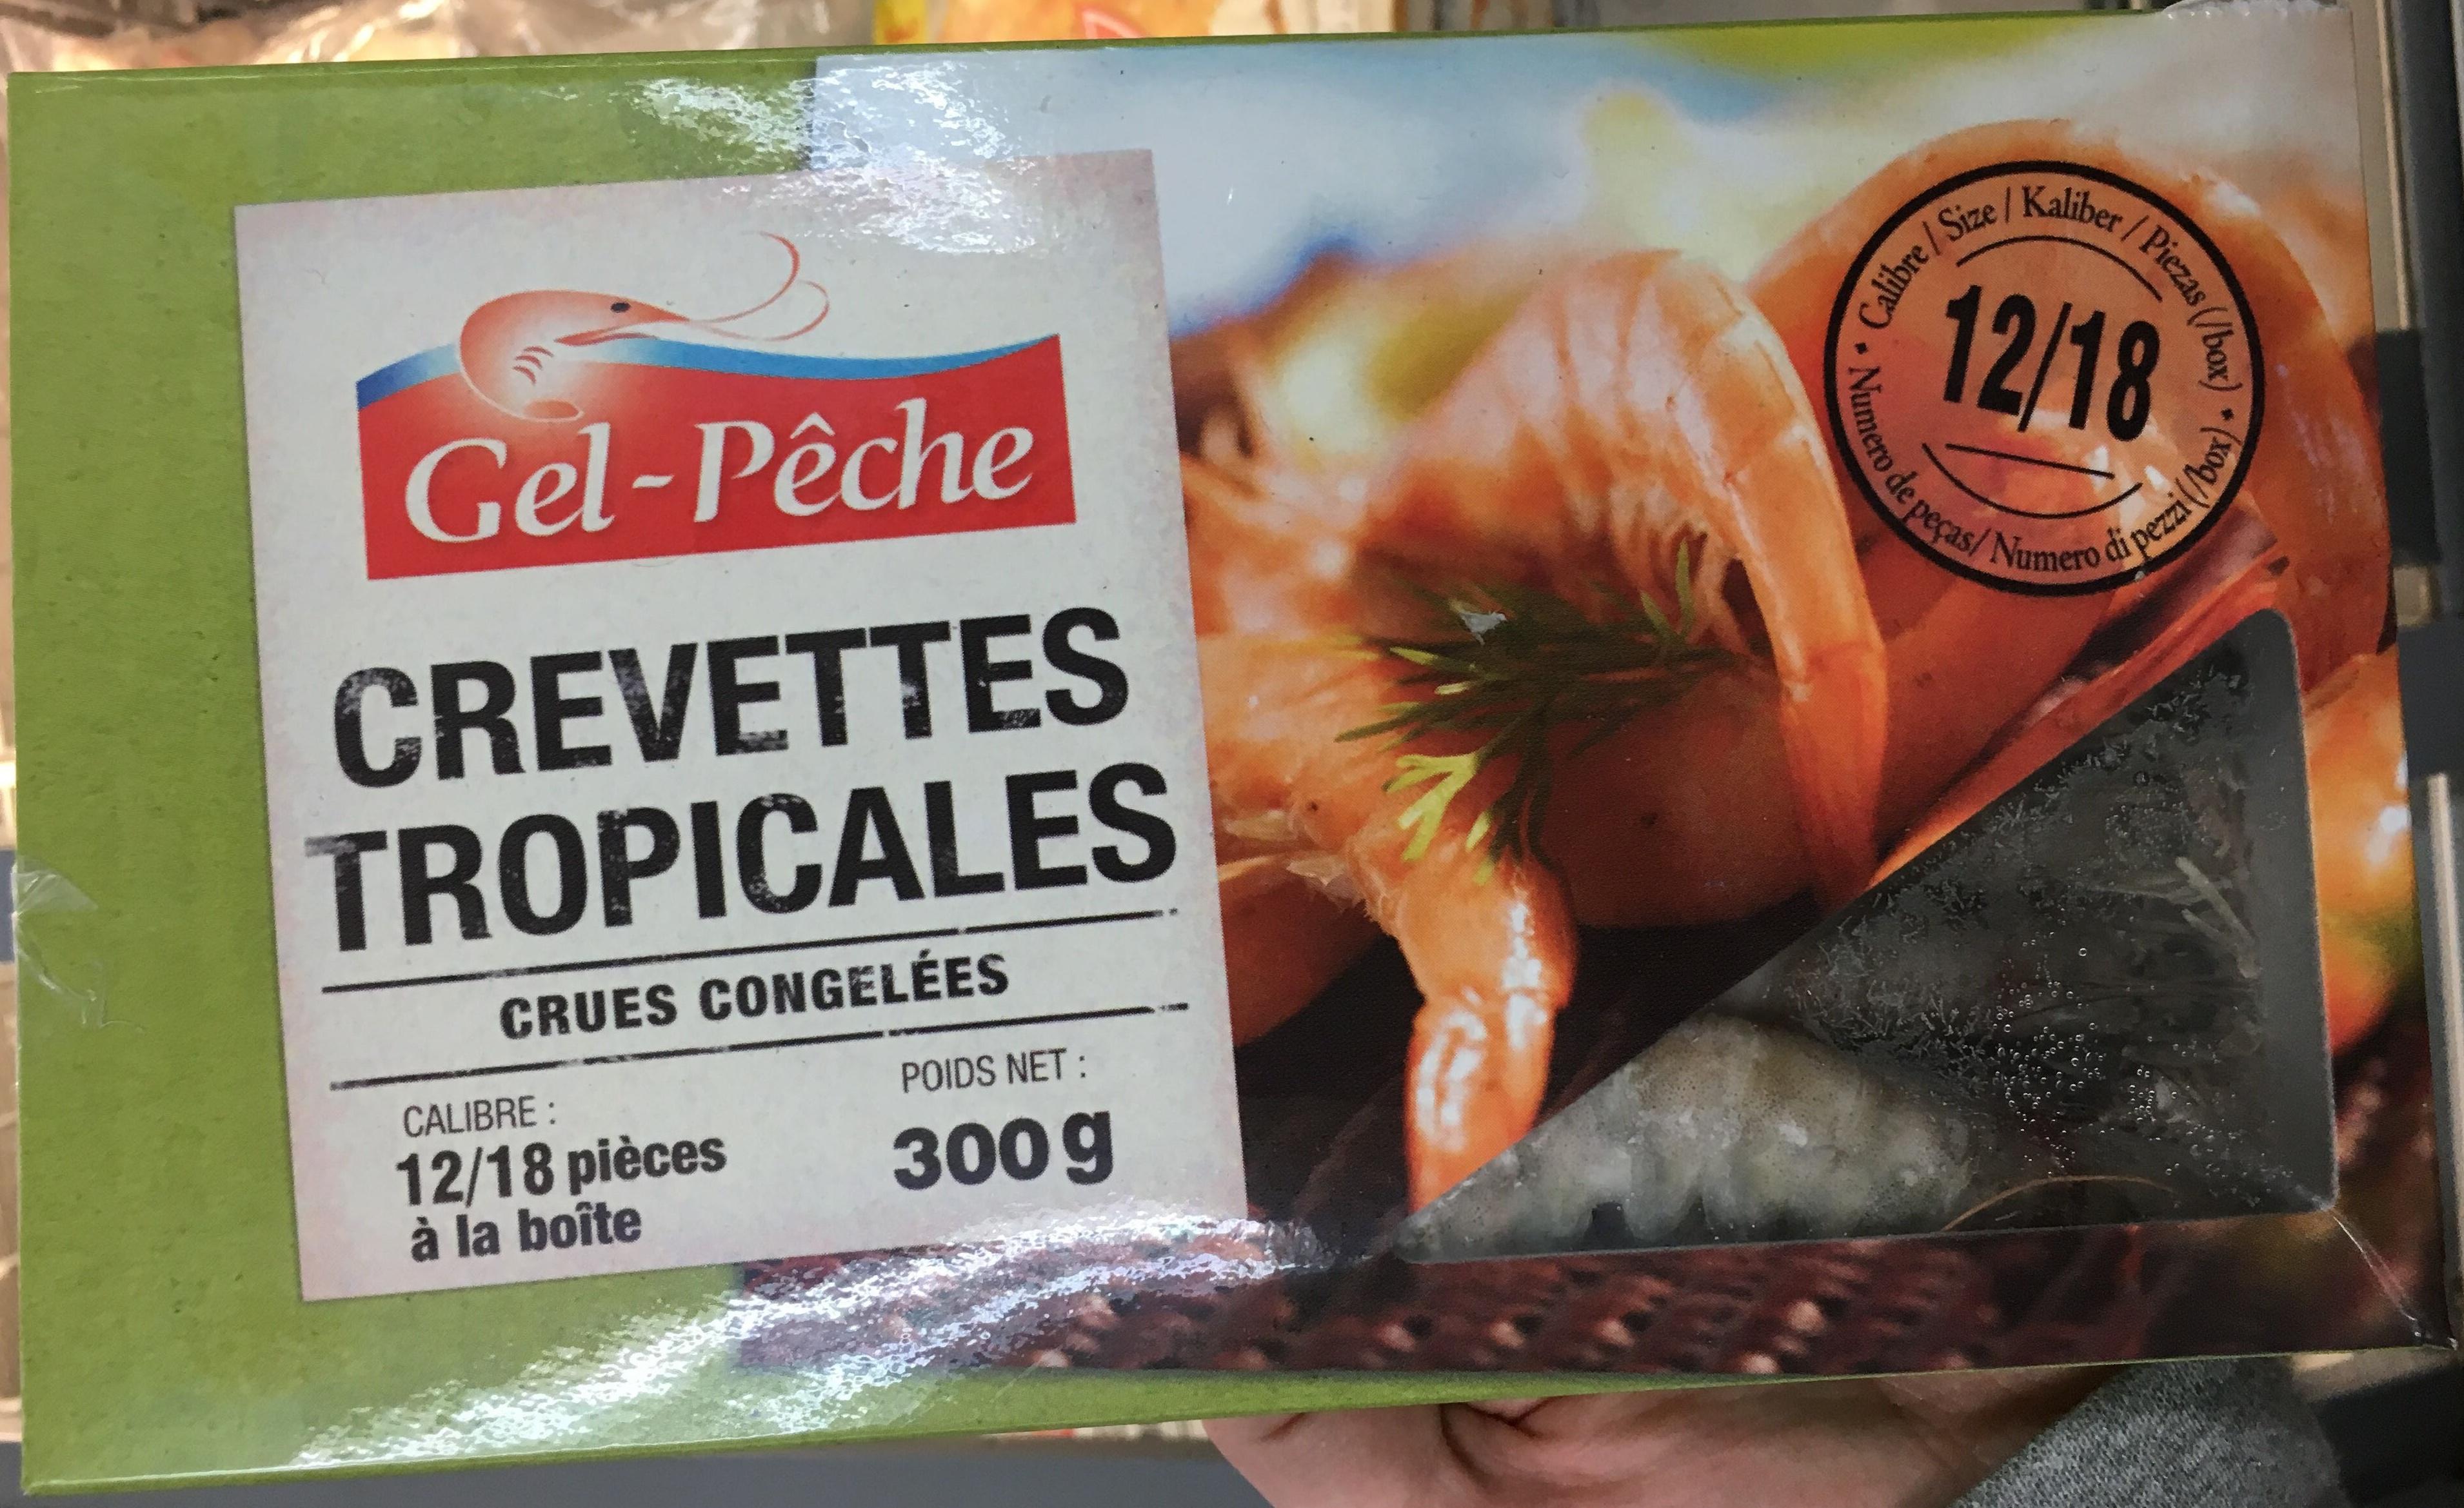 Crevettes tropicales crues congelées - Produit